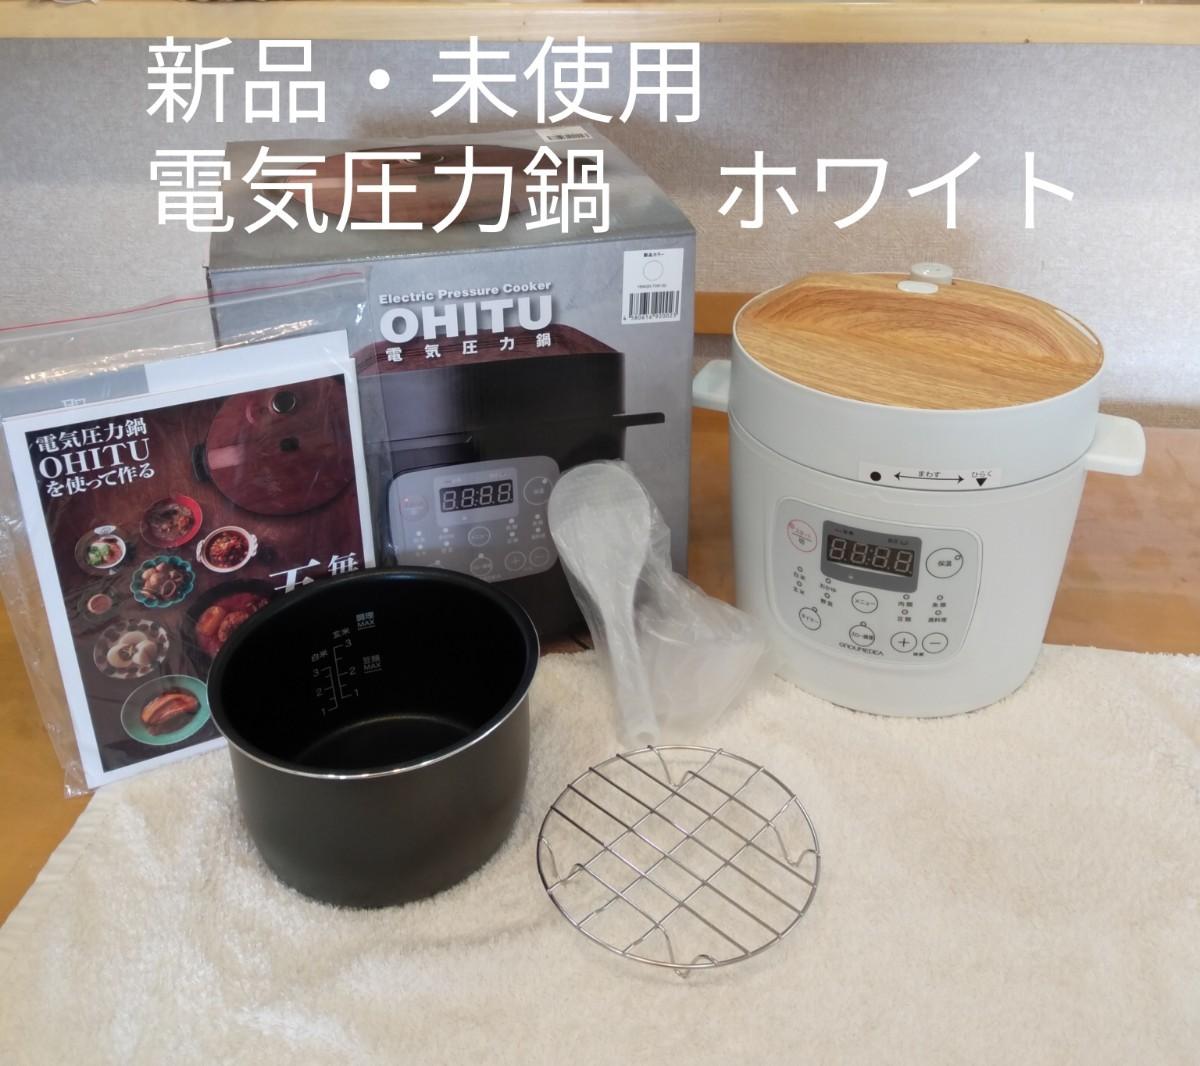 新品・未使用 電気圧力鍋 OHITU GROUMEDEA YBW20-70